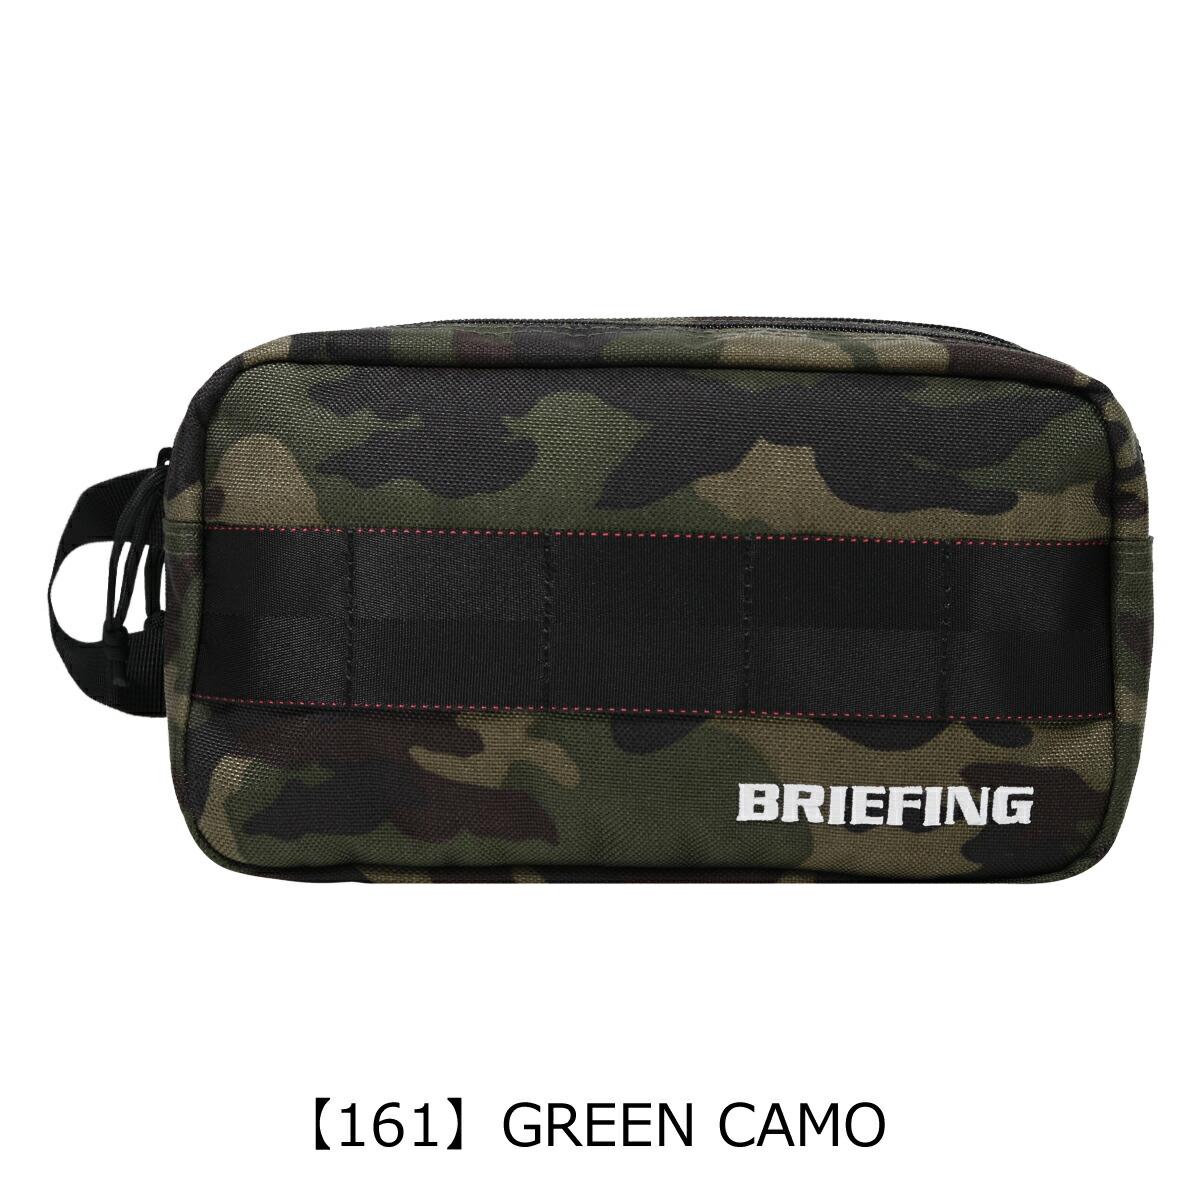 【161】GREEN CAMO